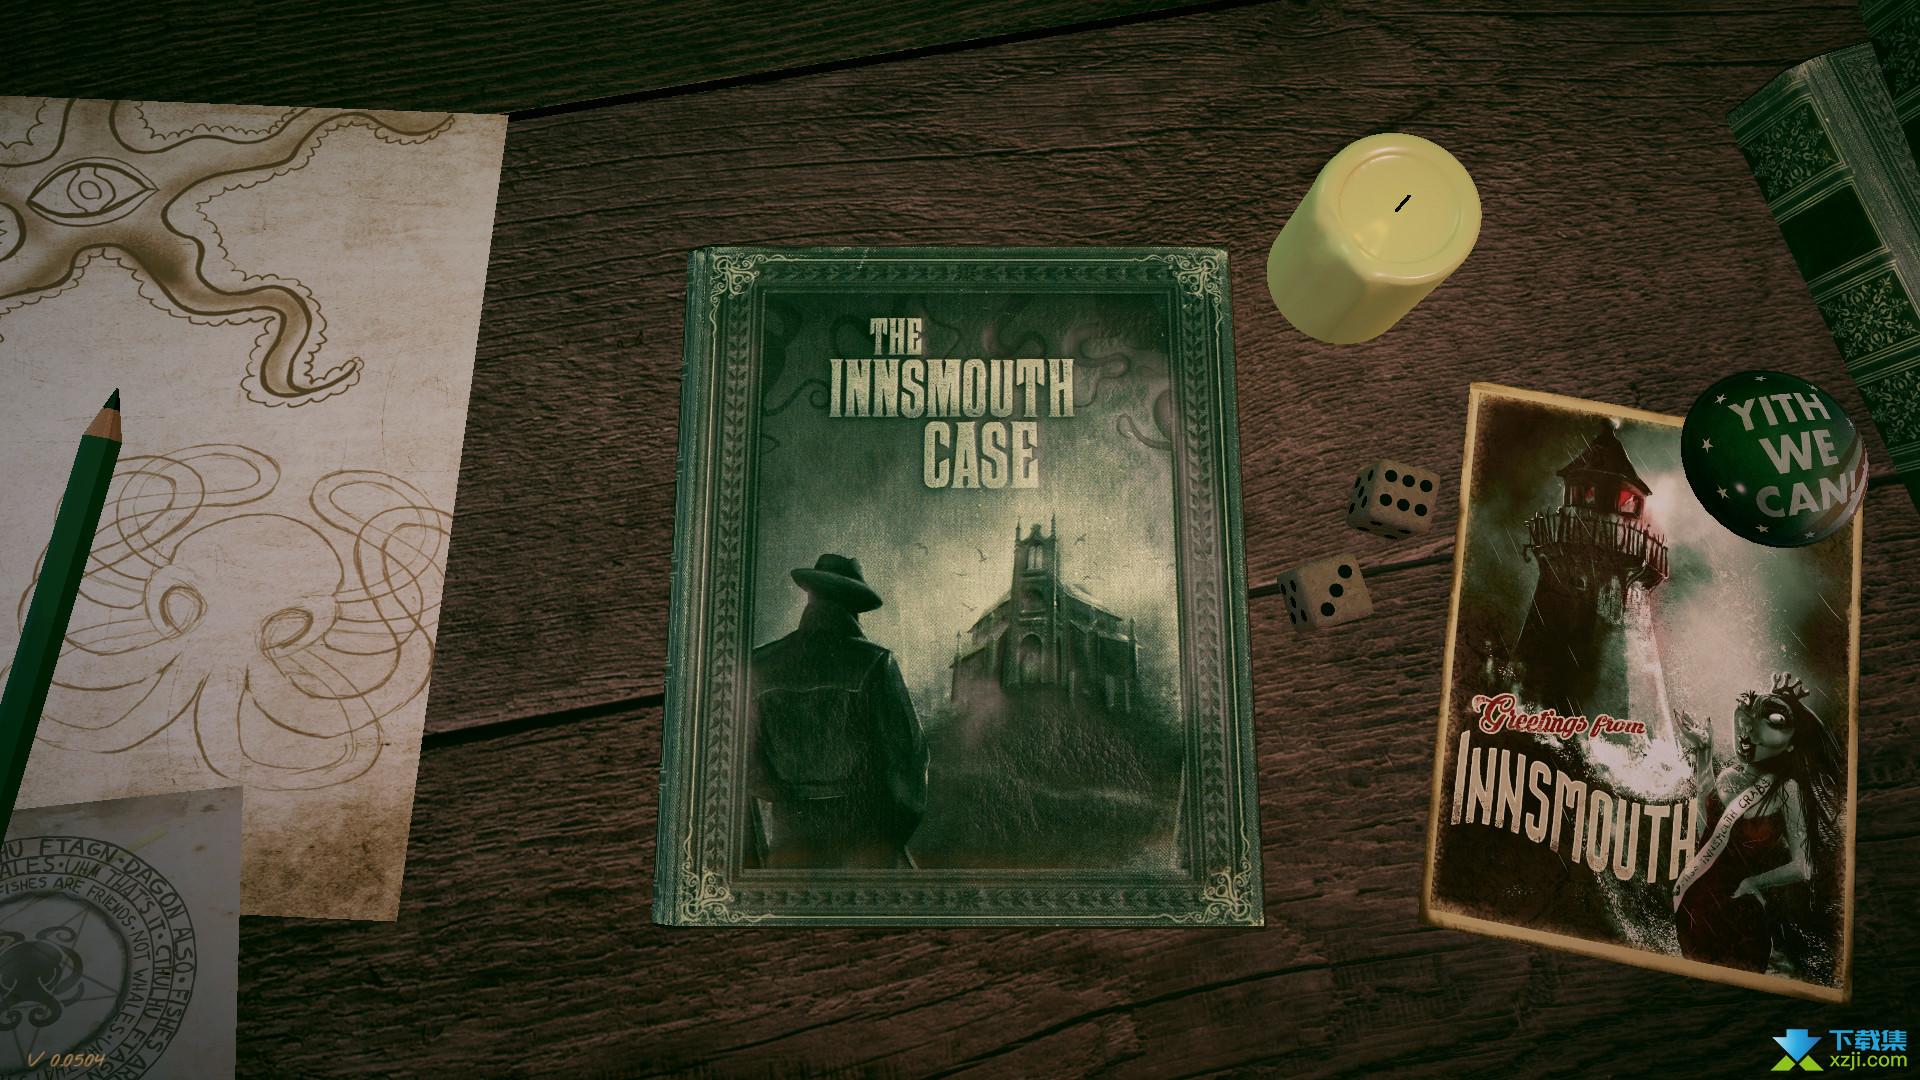 印斯茅斯谜案界面